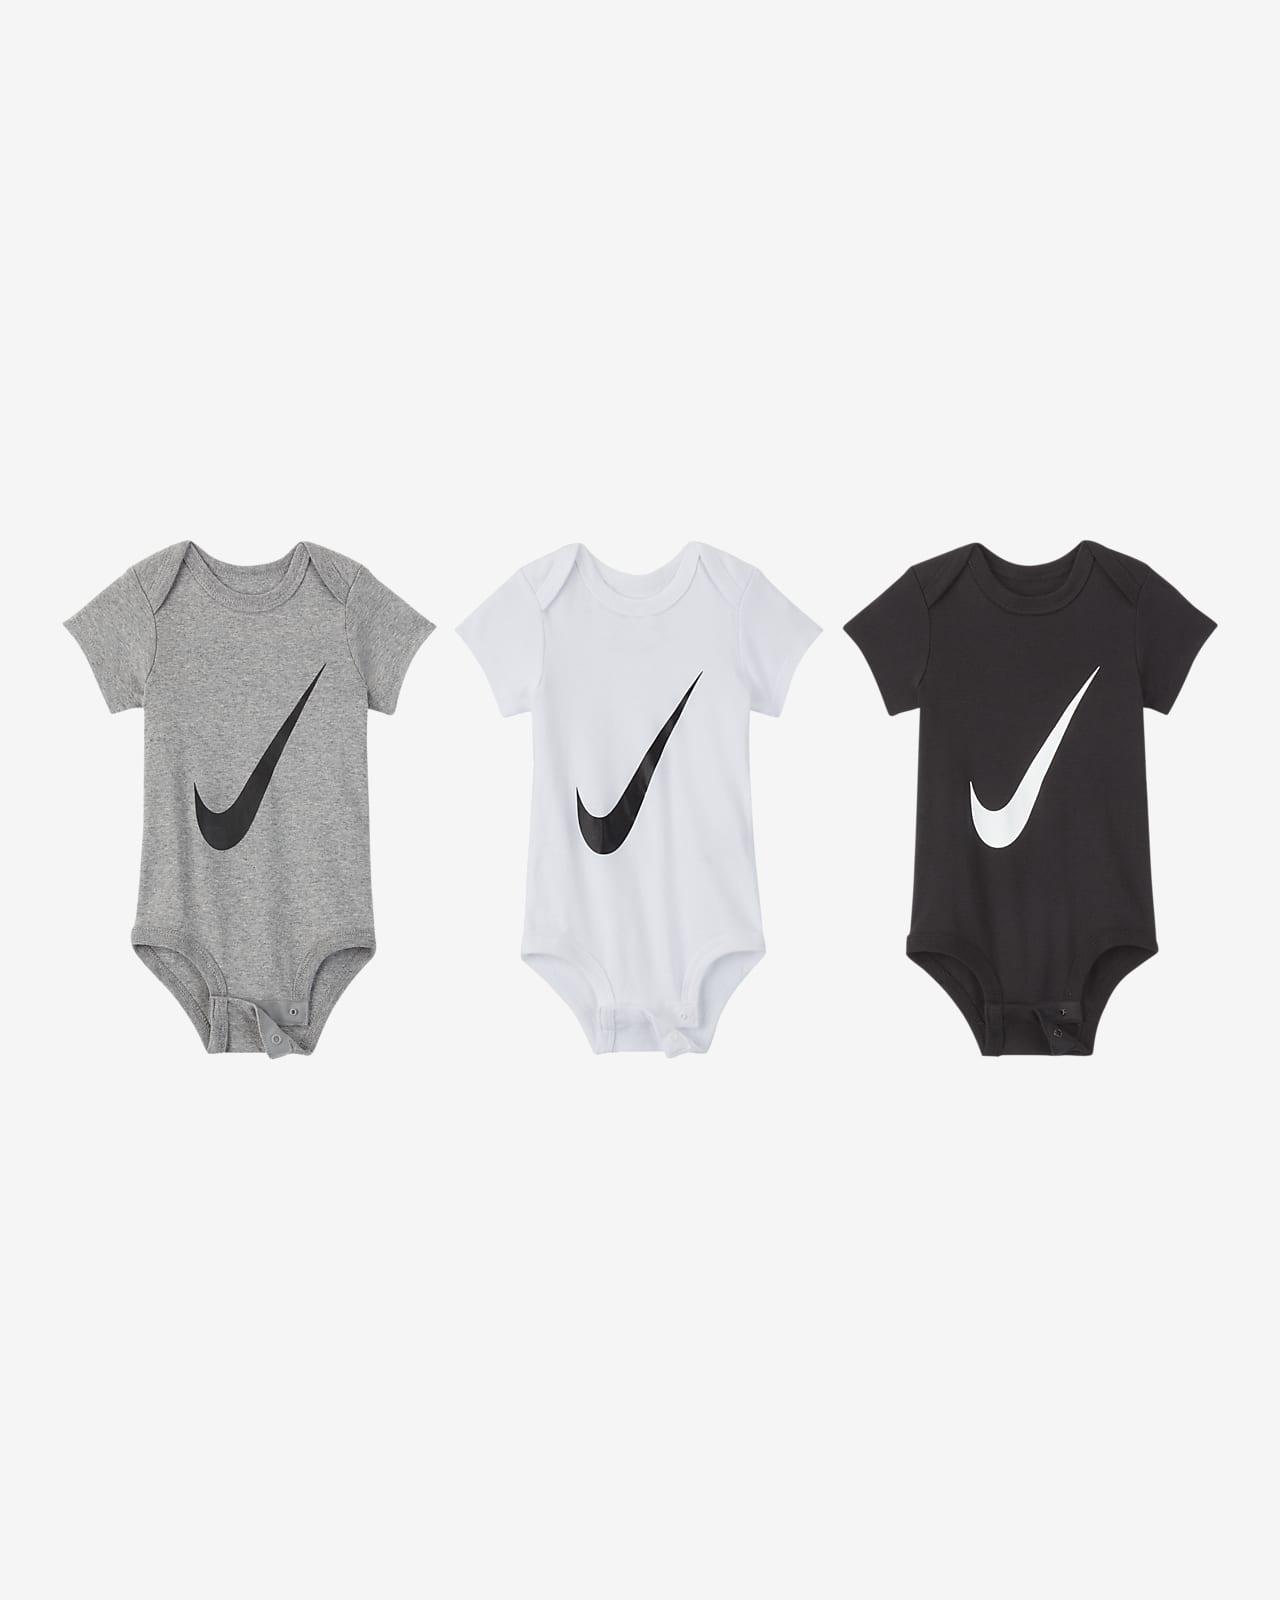 Zestaw body dla niemowląt (0-6 M) Nike (3 szt.)